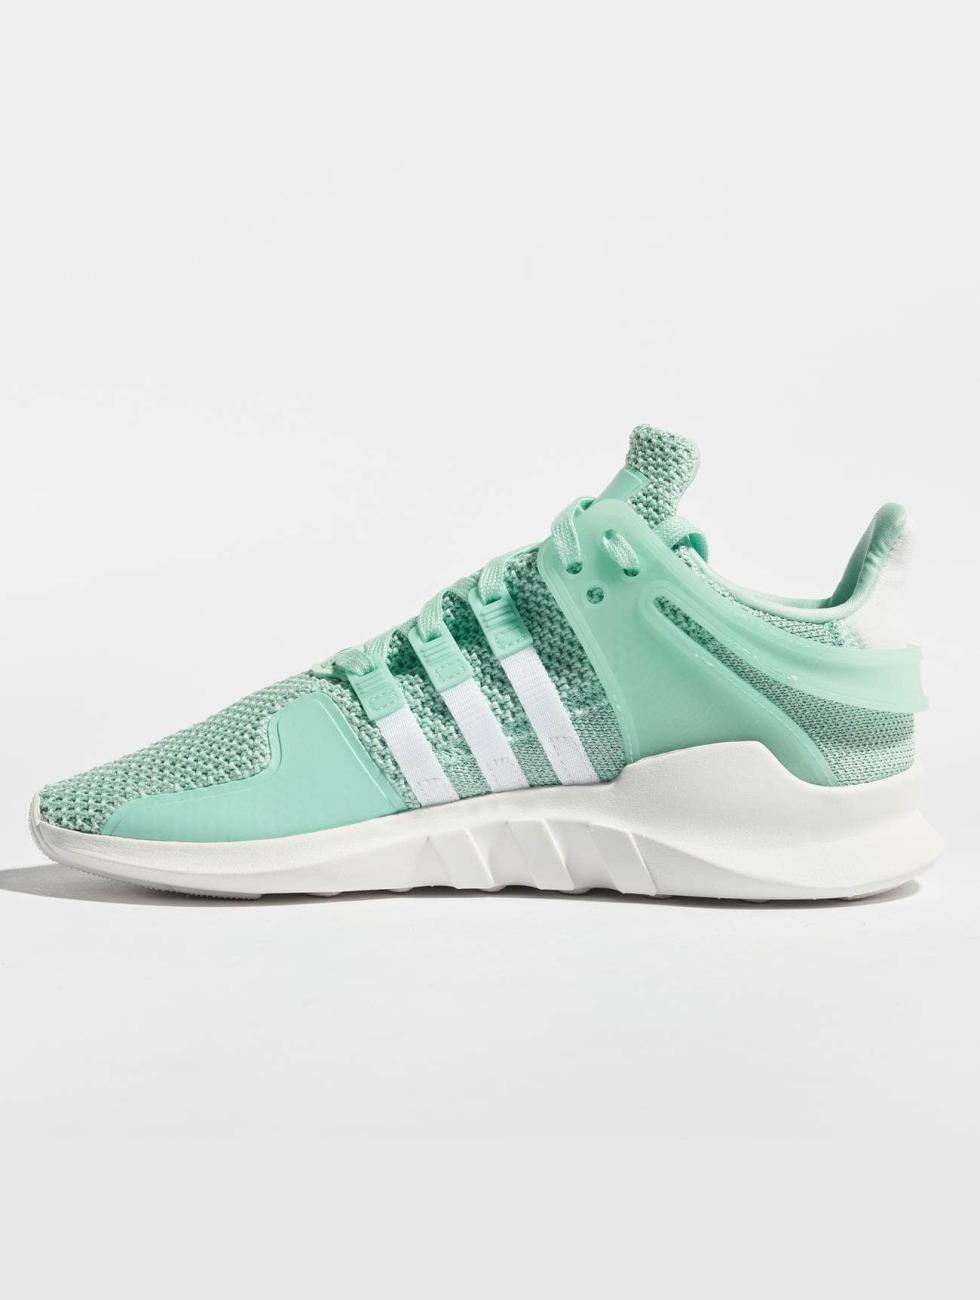 Klaring Officiële adidas originals schoen / sneaker Eqt Support Adv in groen 498699 Verkoop Pre Order n0l4xAeEy